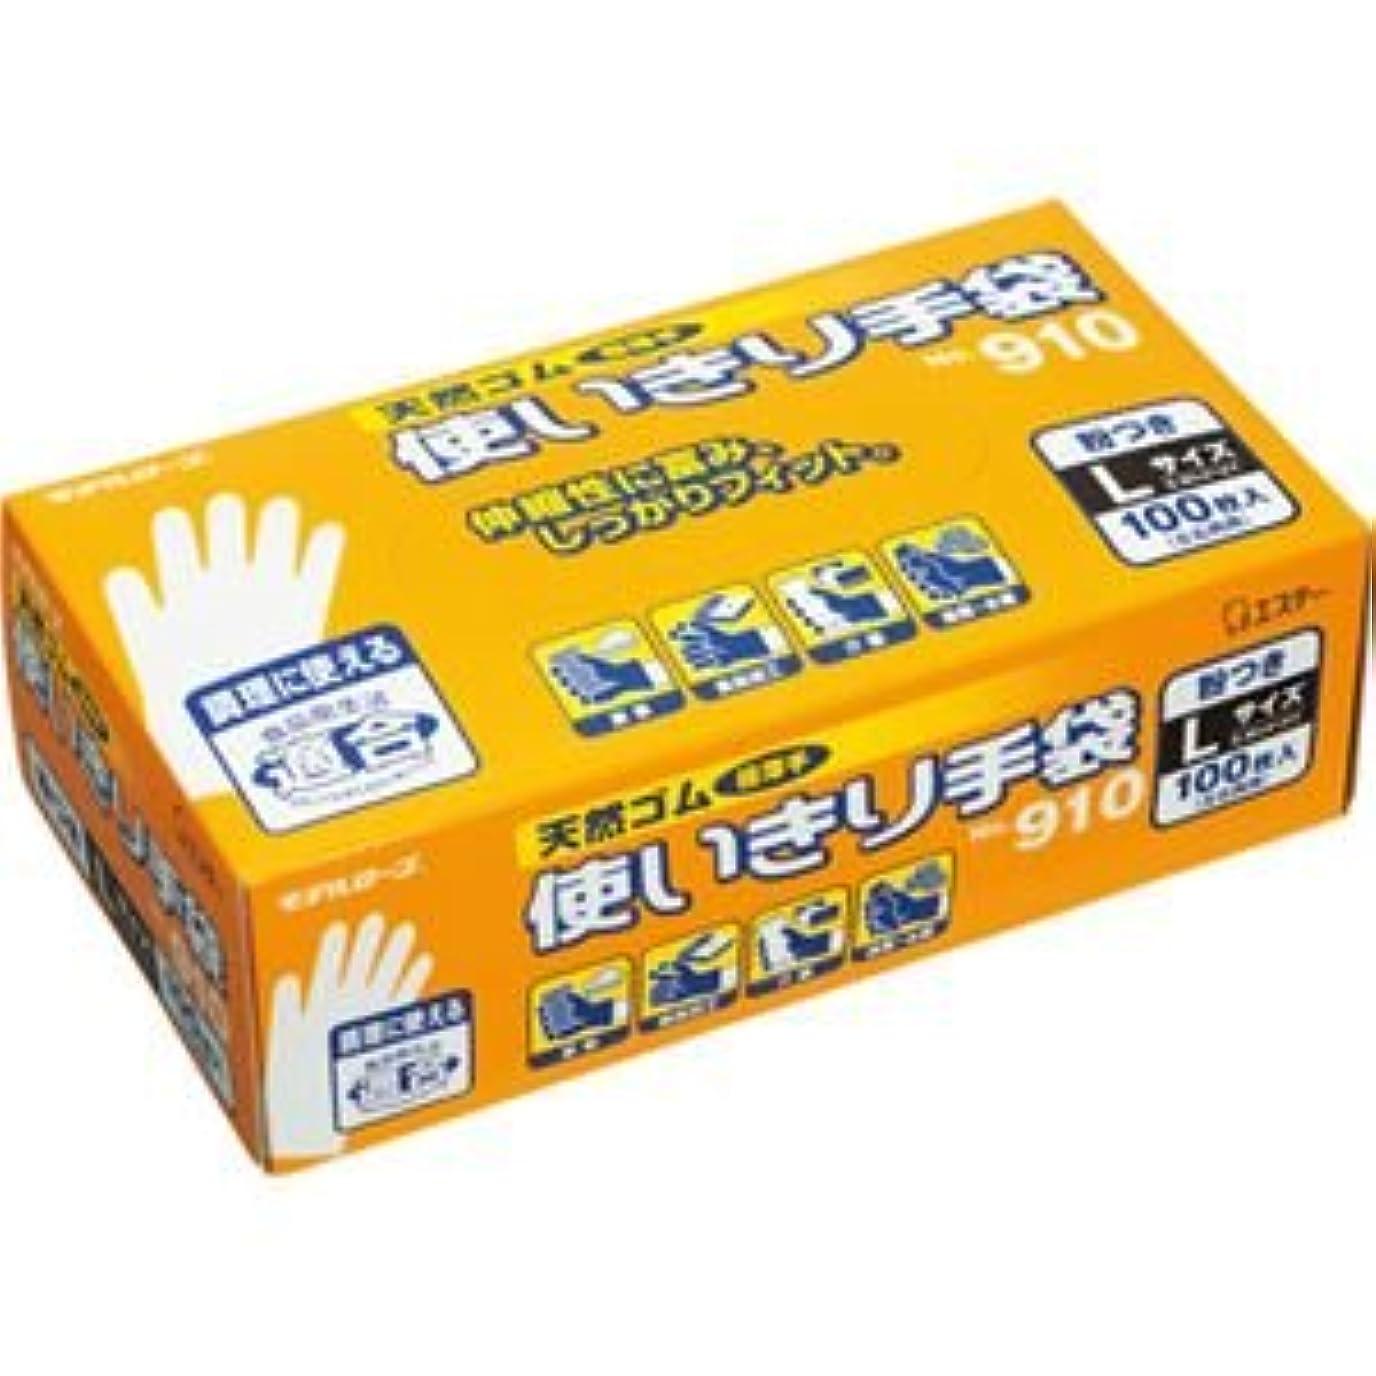 護衛これら教師の日(まとめ) エステー No.910 天然ゴム使いきり手袋(粉付) L 1箱(100枚) 【×5セット